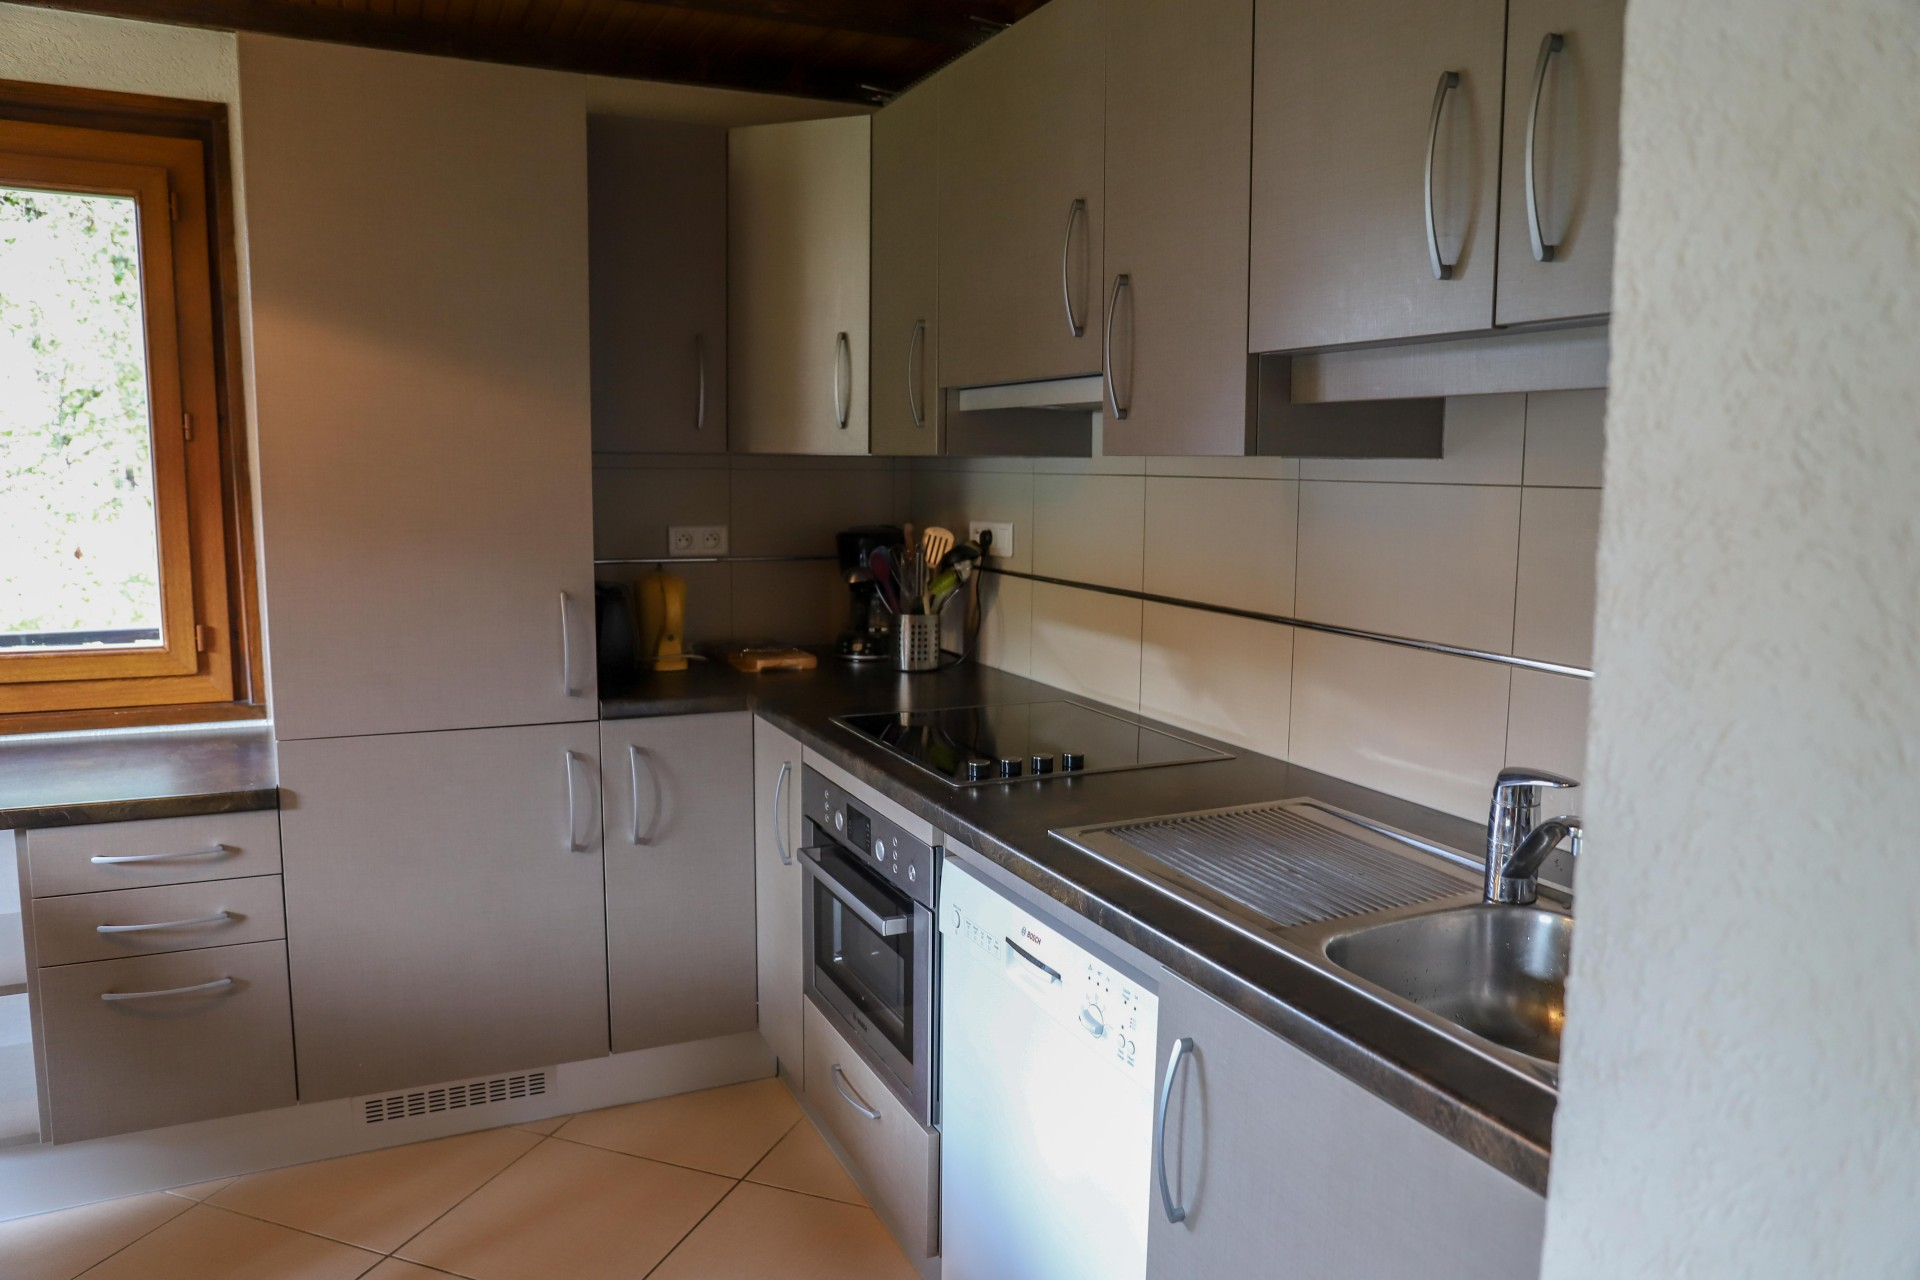 bernard-mugnier-etage1-hd-5-4160